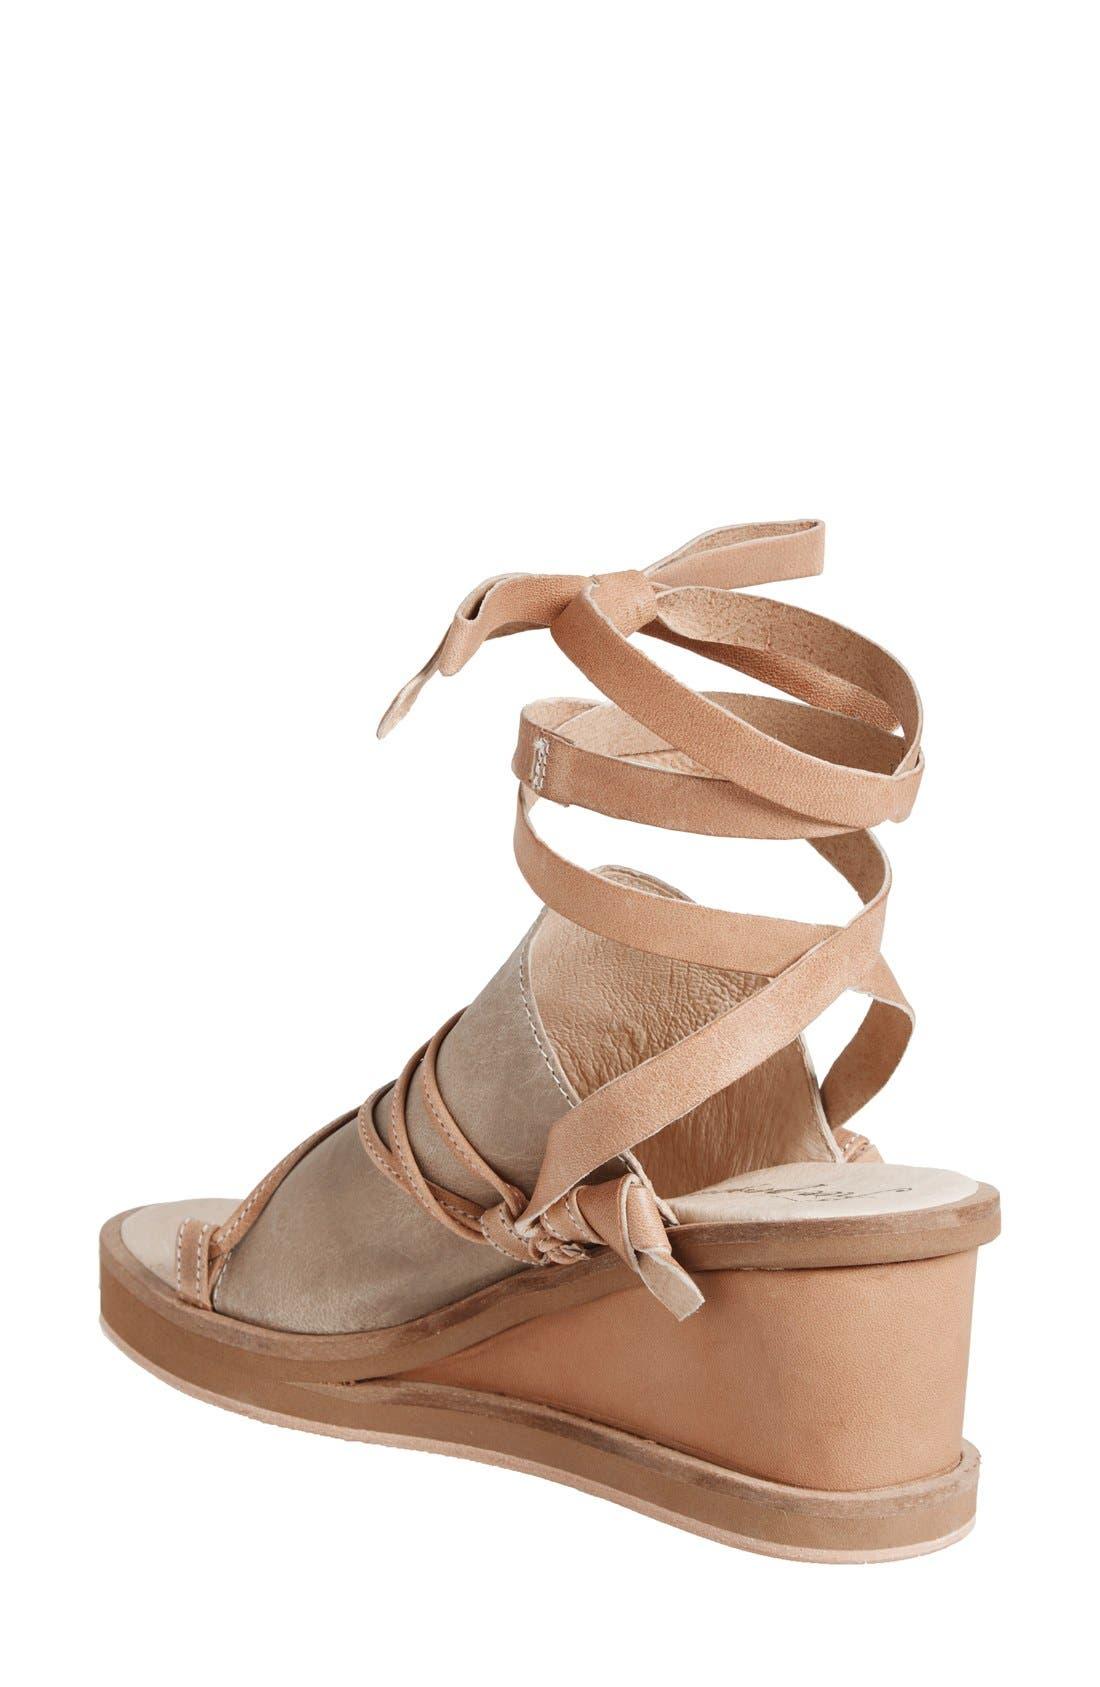 Alternate Image 2  - Free People 'Bowery' Ankle Tie Wedge Sandal